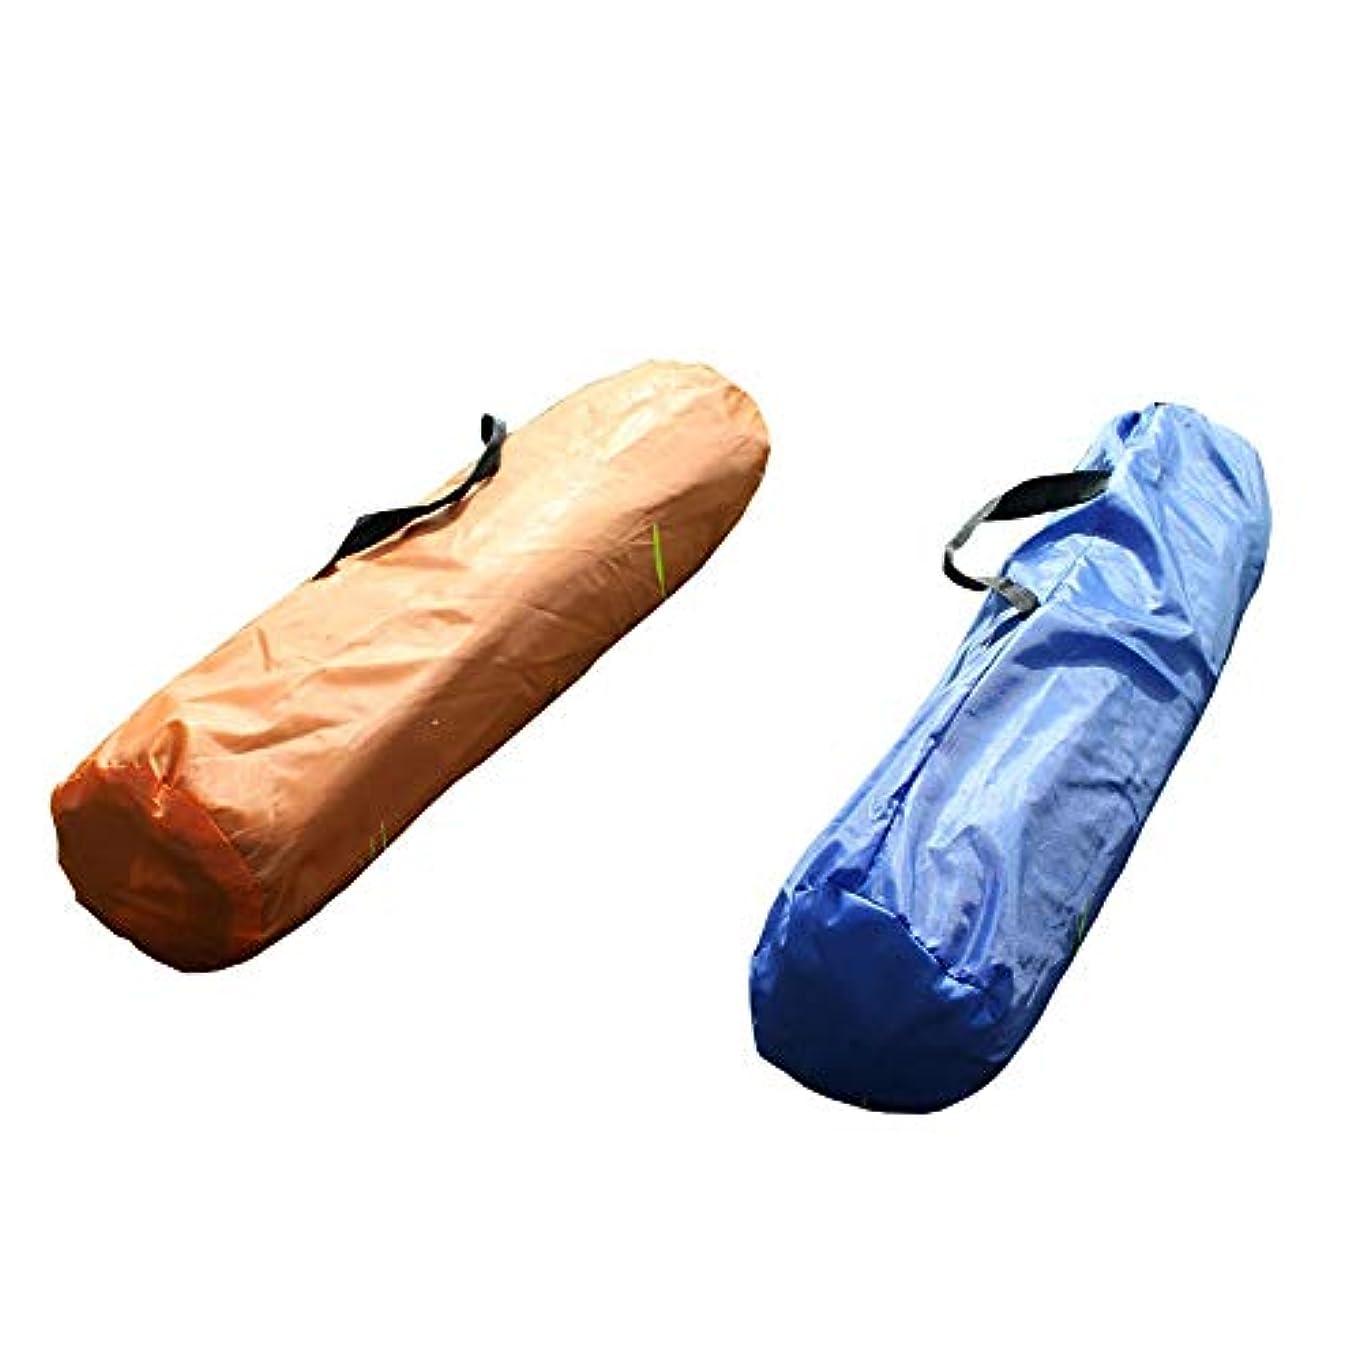 新着社会主義者説教キャンプテント 軽量キャンプバックパックテントスポーツキャンプドームテントシーズン 軽量で便利なテント (Color : Orange)